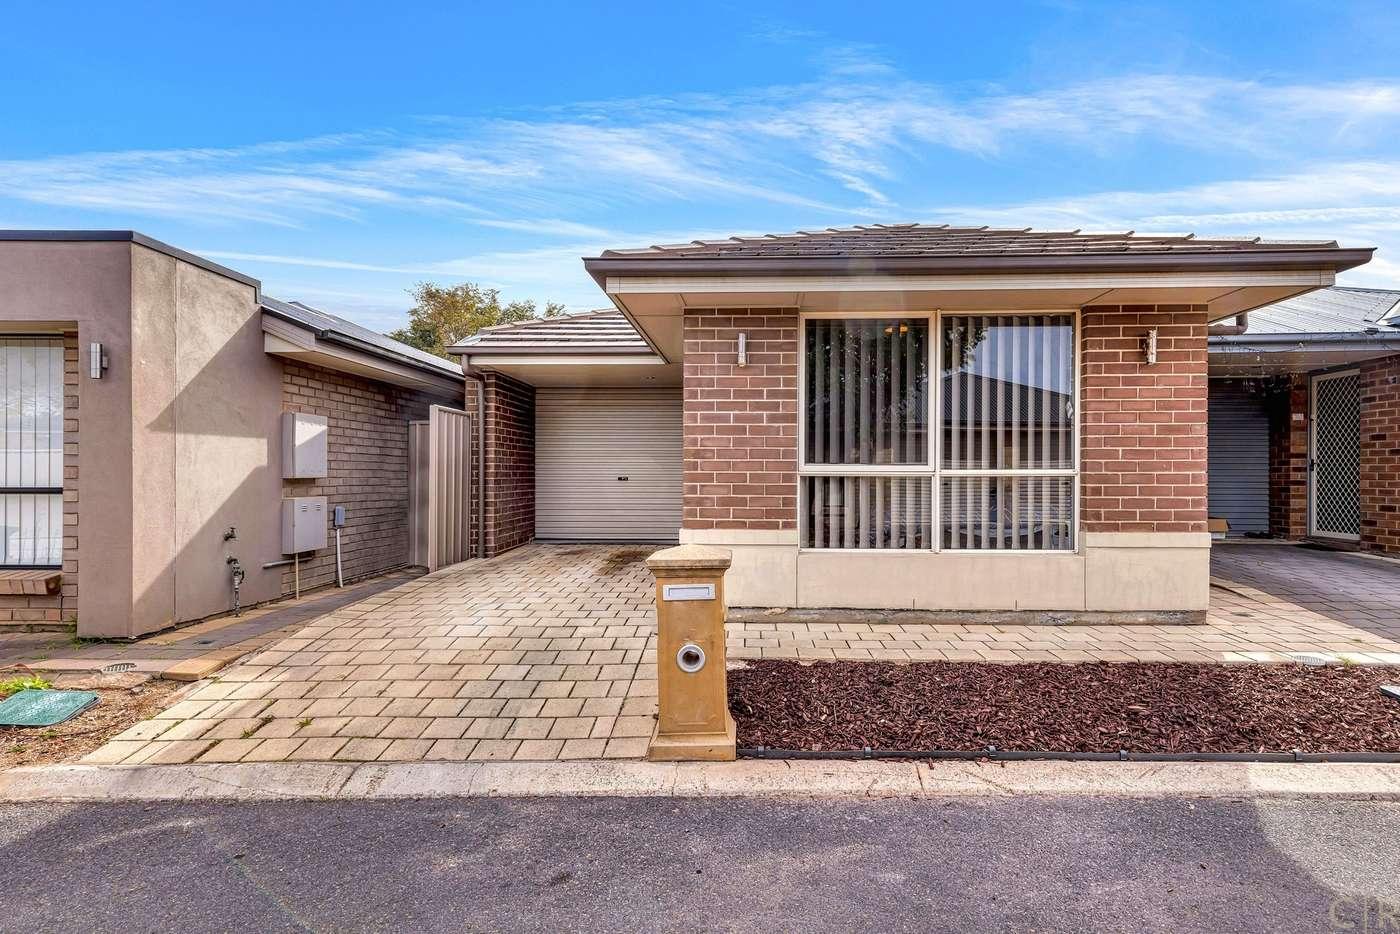 13/15 Windsong Court, Morphett Vale SA 5162 - House For ...